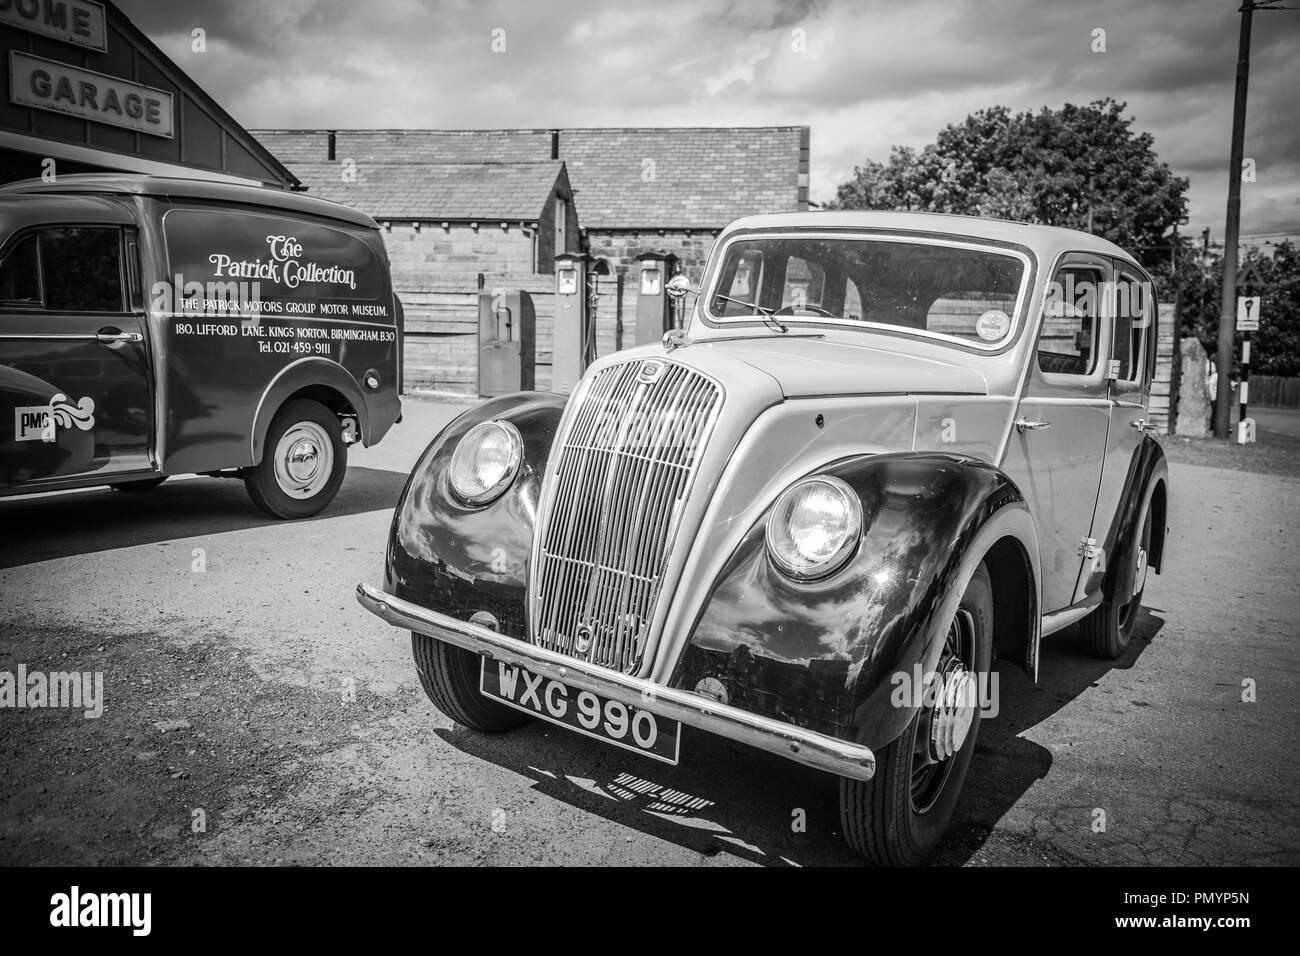 Arty, black and white, landscape shot of vintage vehicles parked outside vintage garage. Vintage petrol pumps in background. - Stock Image